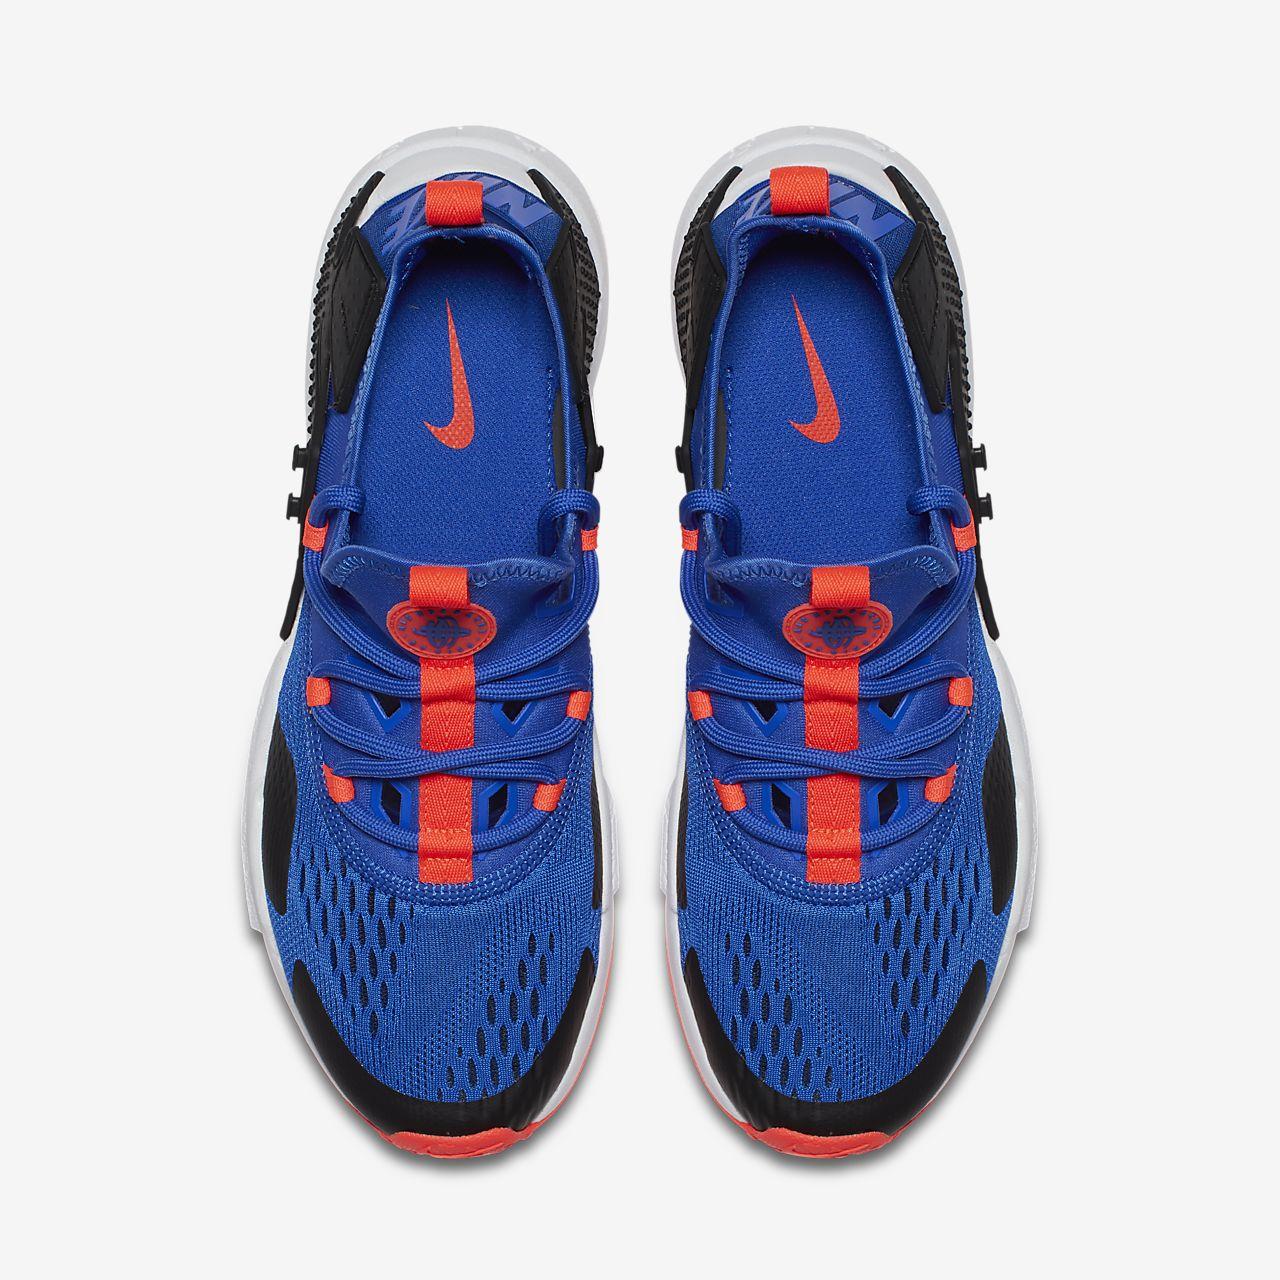 64d1b75ec6e2 Chaussure Nike Air Huarache Drift Breathe pour Homme ...